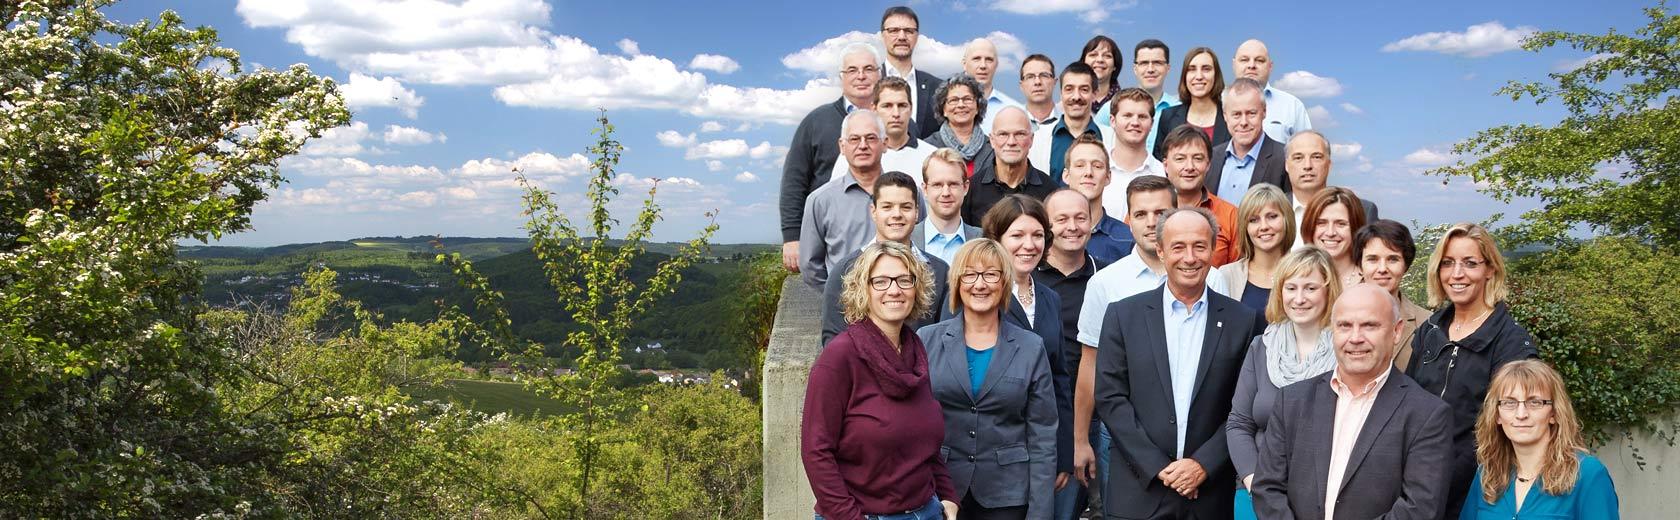 Mitarbeiter Landkreis Vulkaneifel